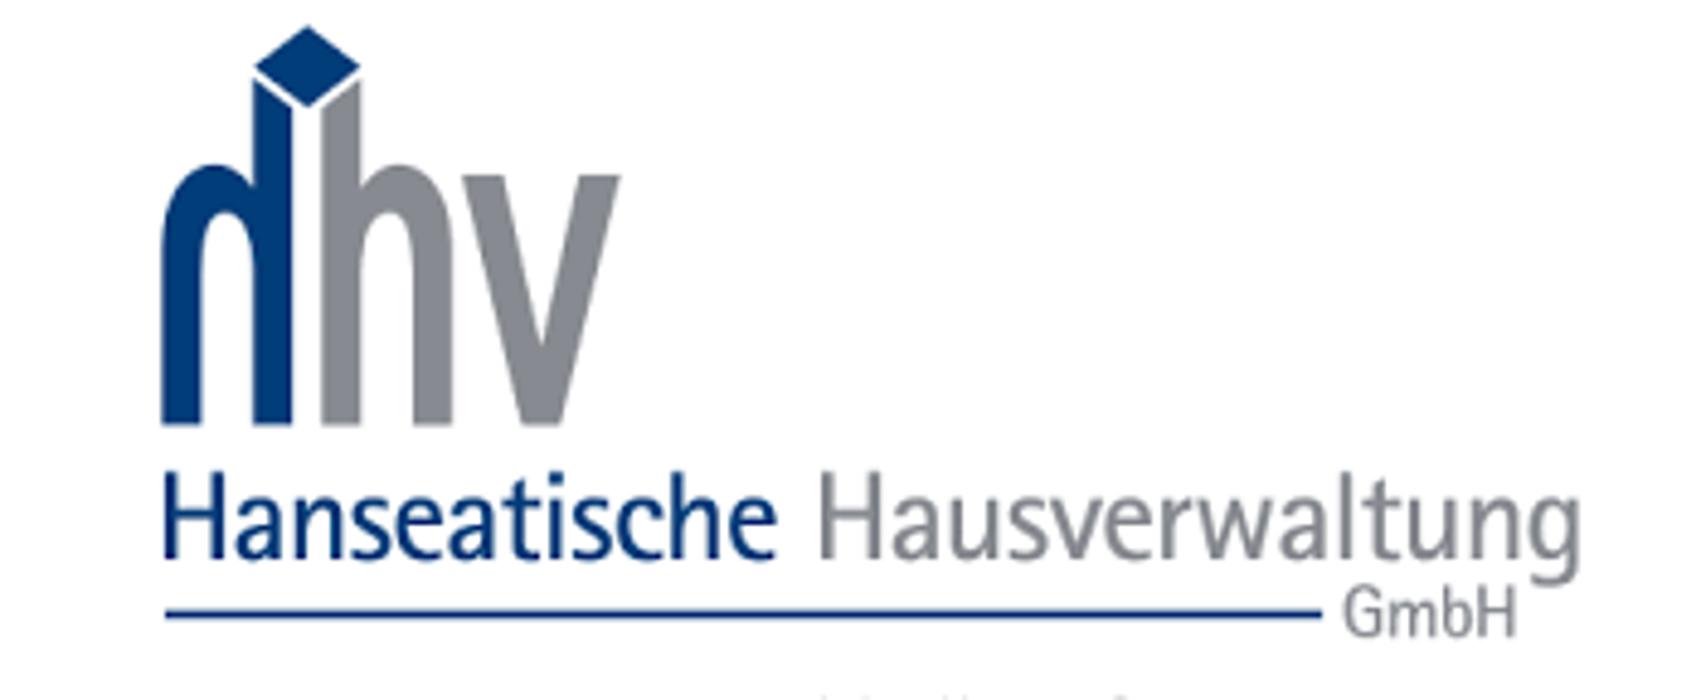 Bild zu Hanseatische Hausverwaltung GmbH in Bremen